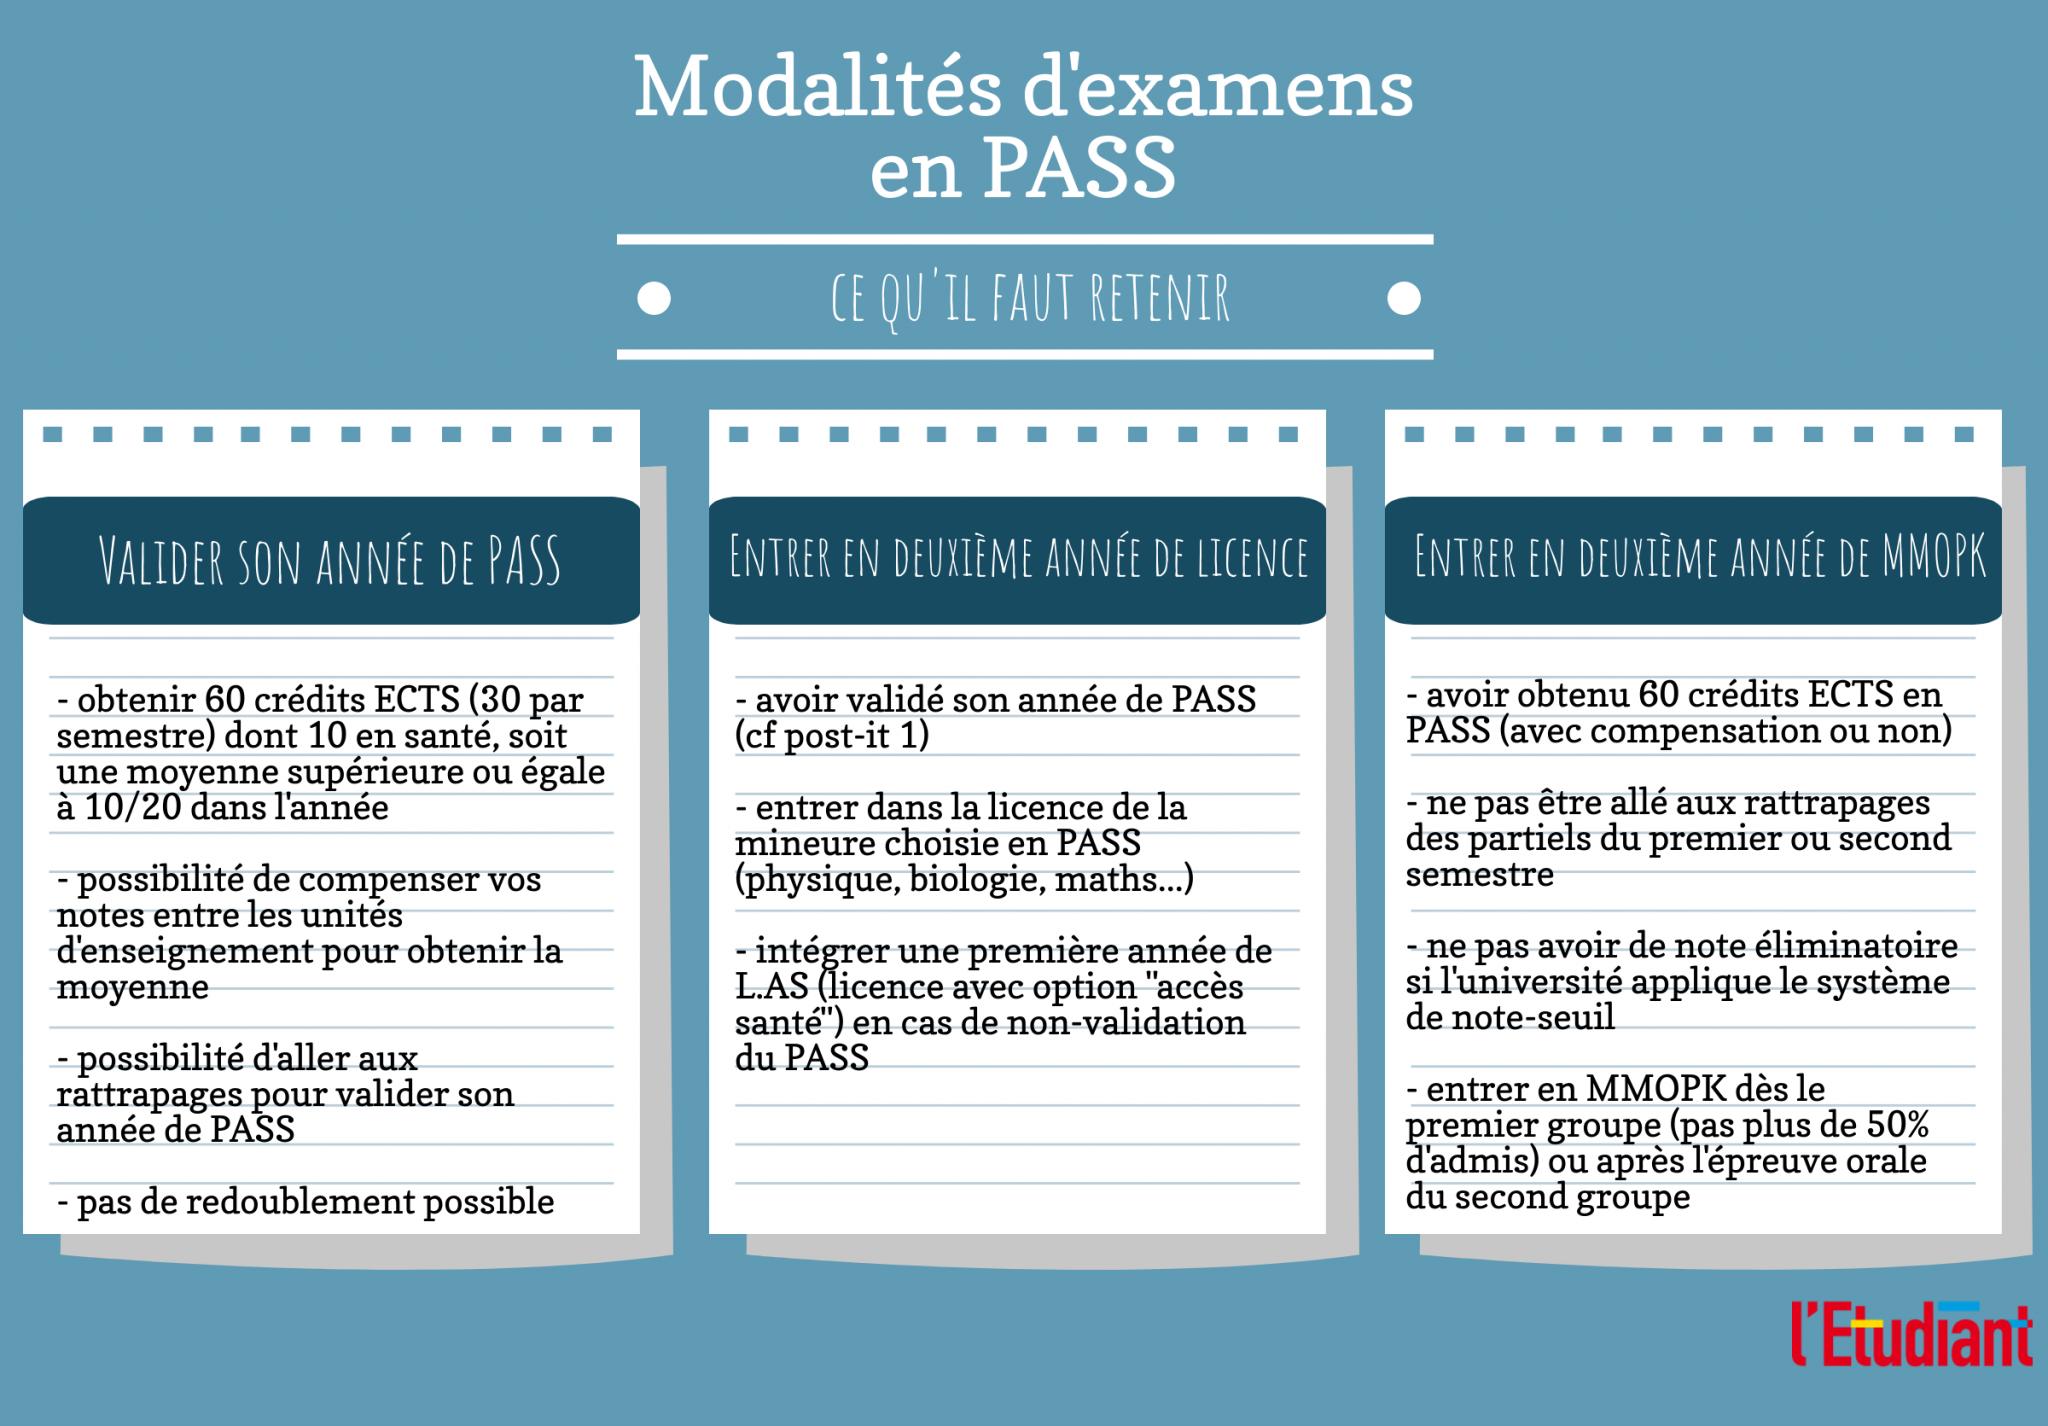 Les modalités d'examens pour les étudiants en PASS.